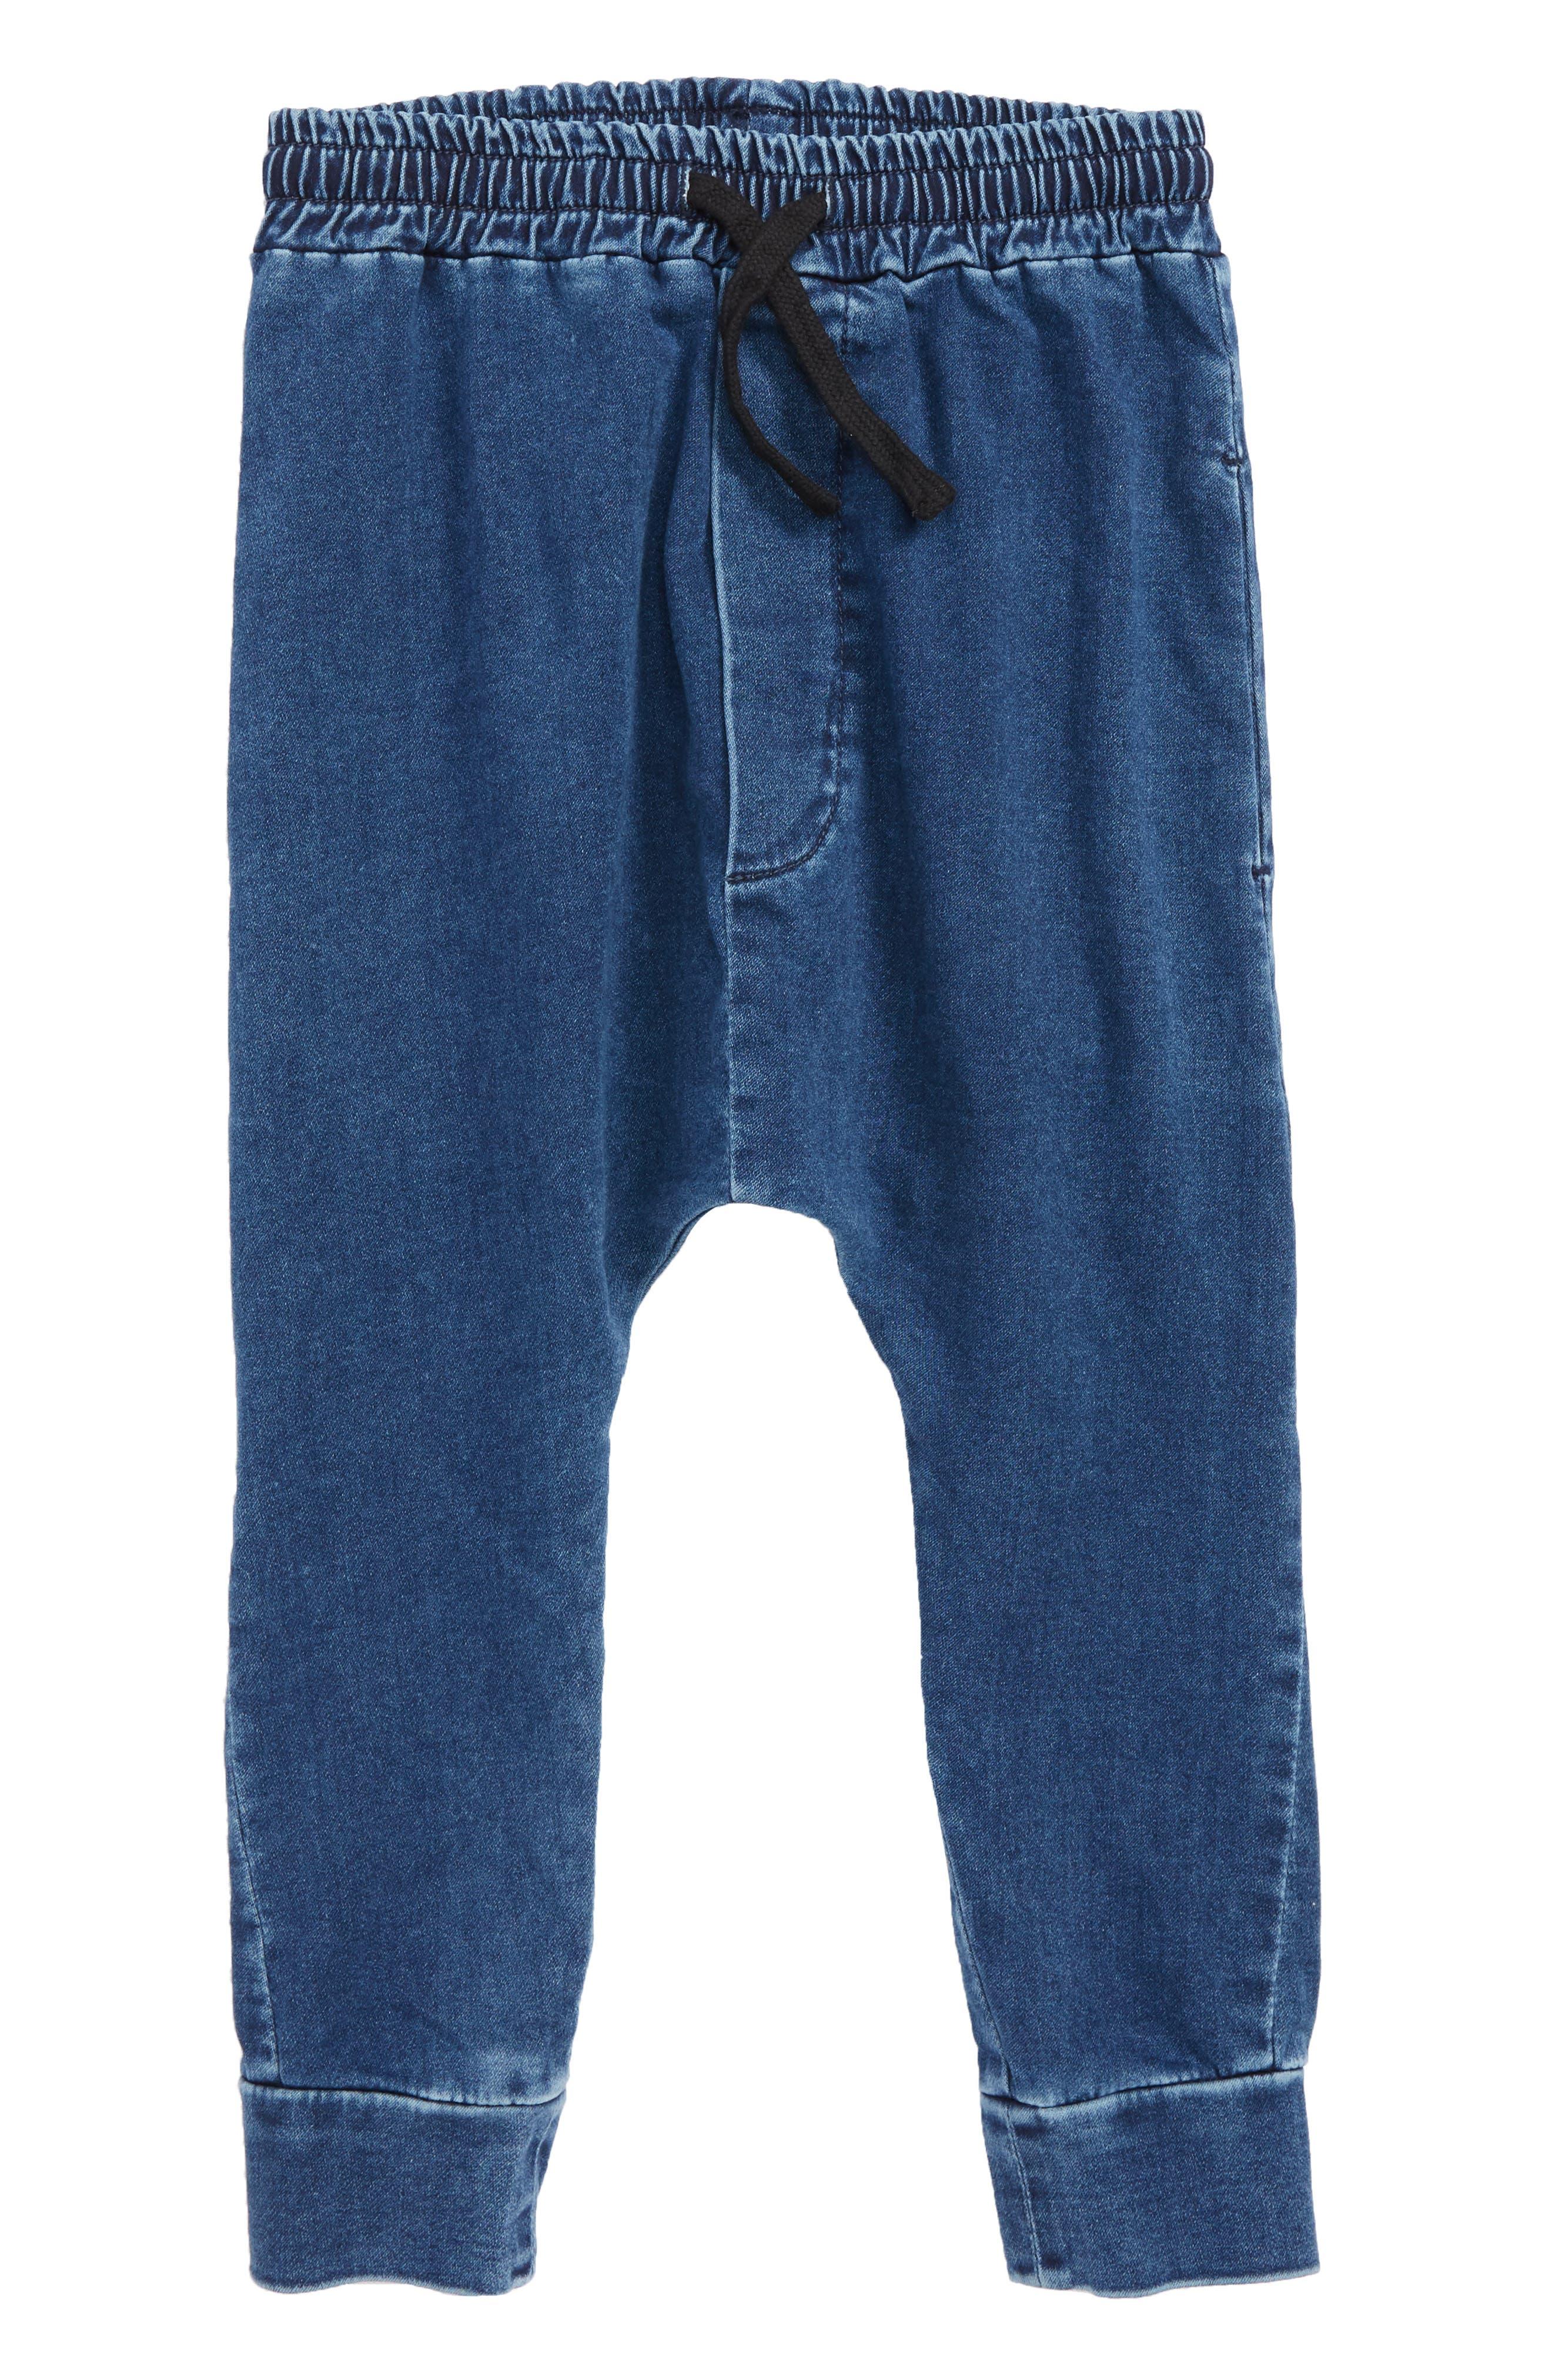 Basic Denim Pants,                         Main,                         color, DENIM